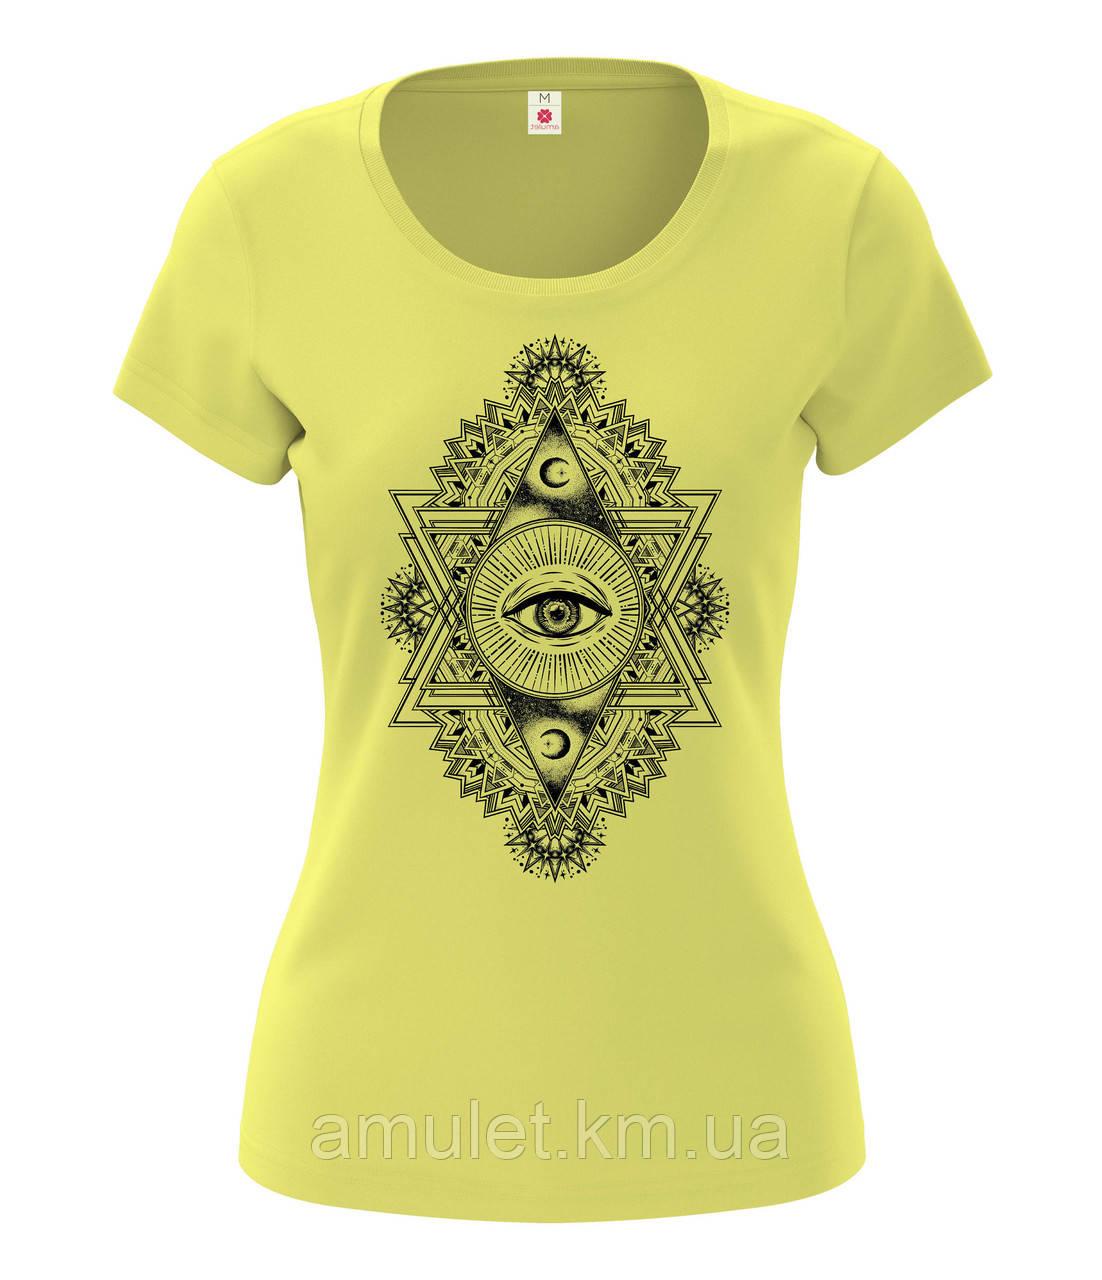 """Футболка жіноча """"Третє око"""" жовтий, XL"""